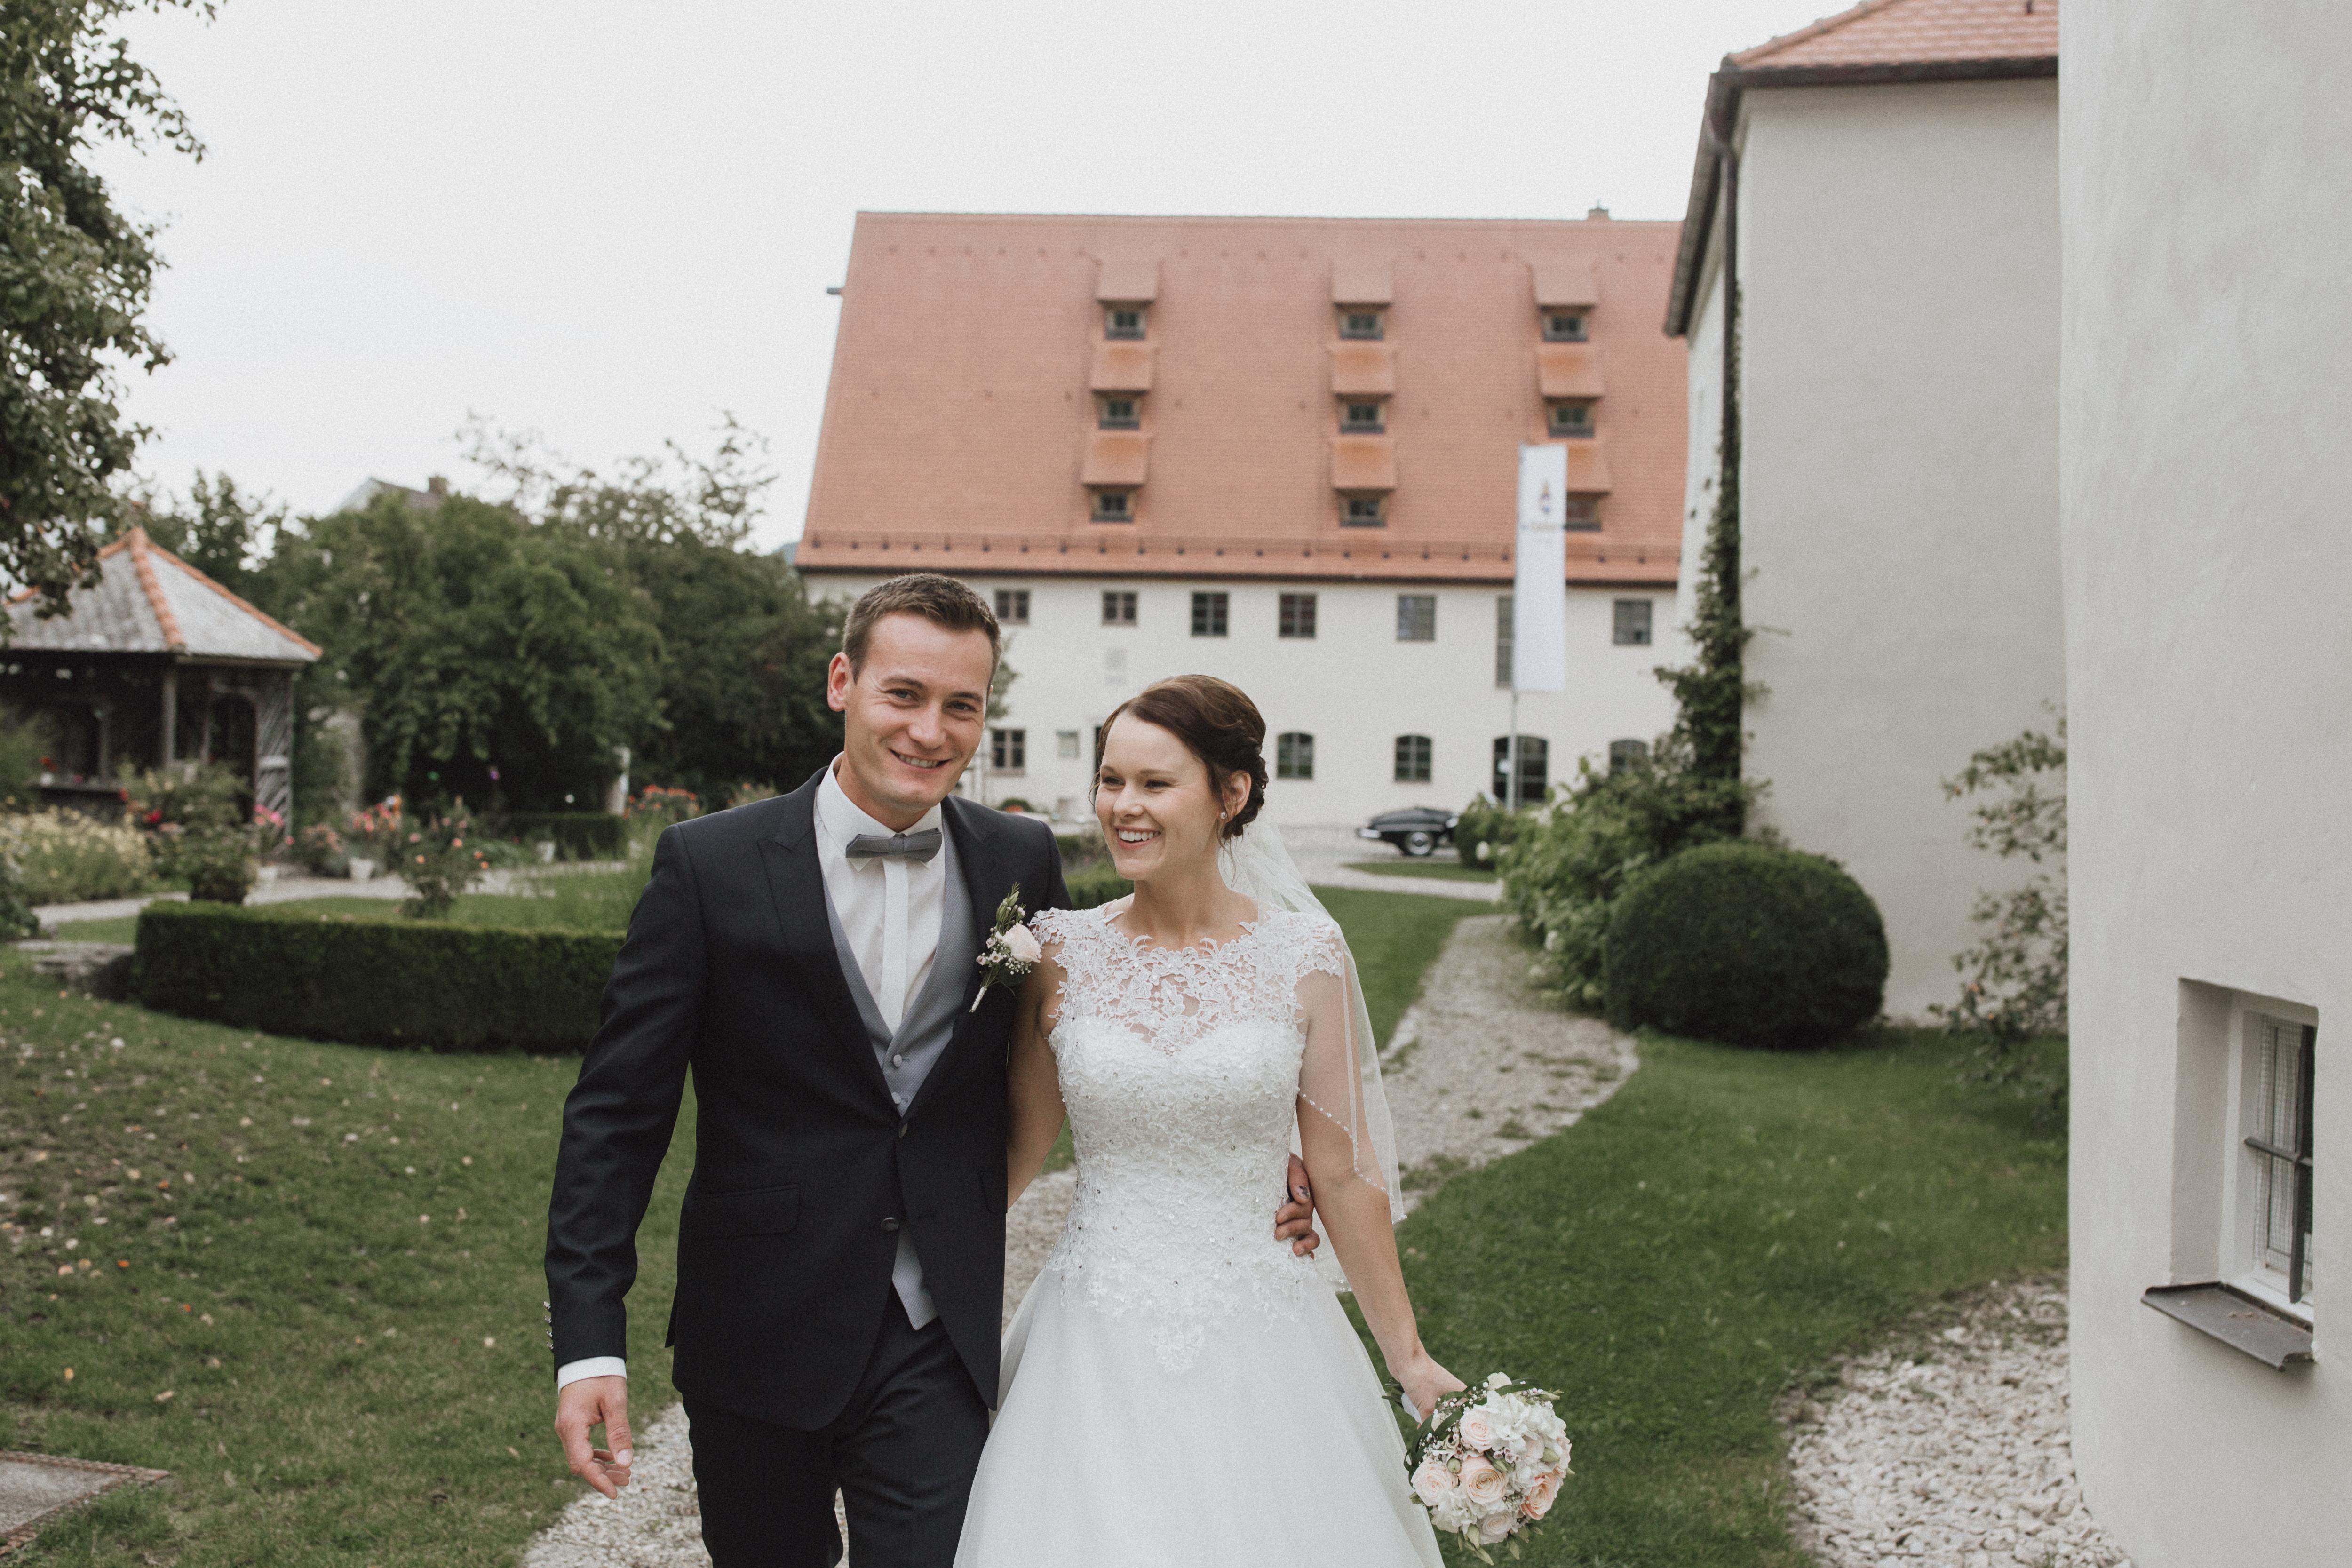 URBANERIE_Daniela_Goth_Hochzeitsfotografin_Nürnberg_Fürth_Erlangen_Schwabach_170909_0015